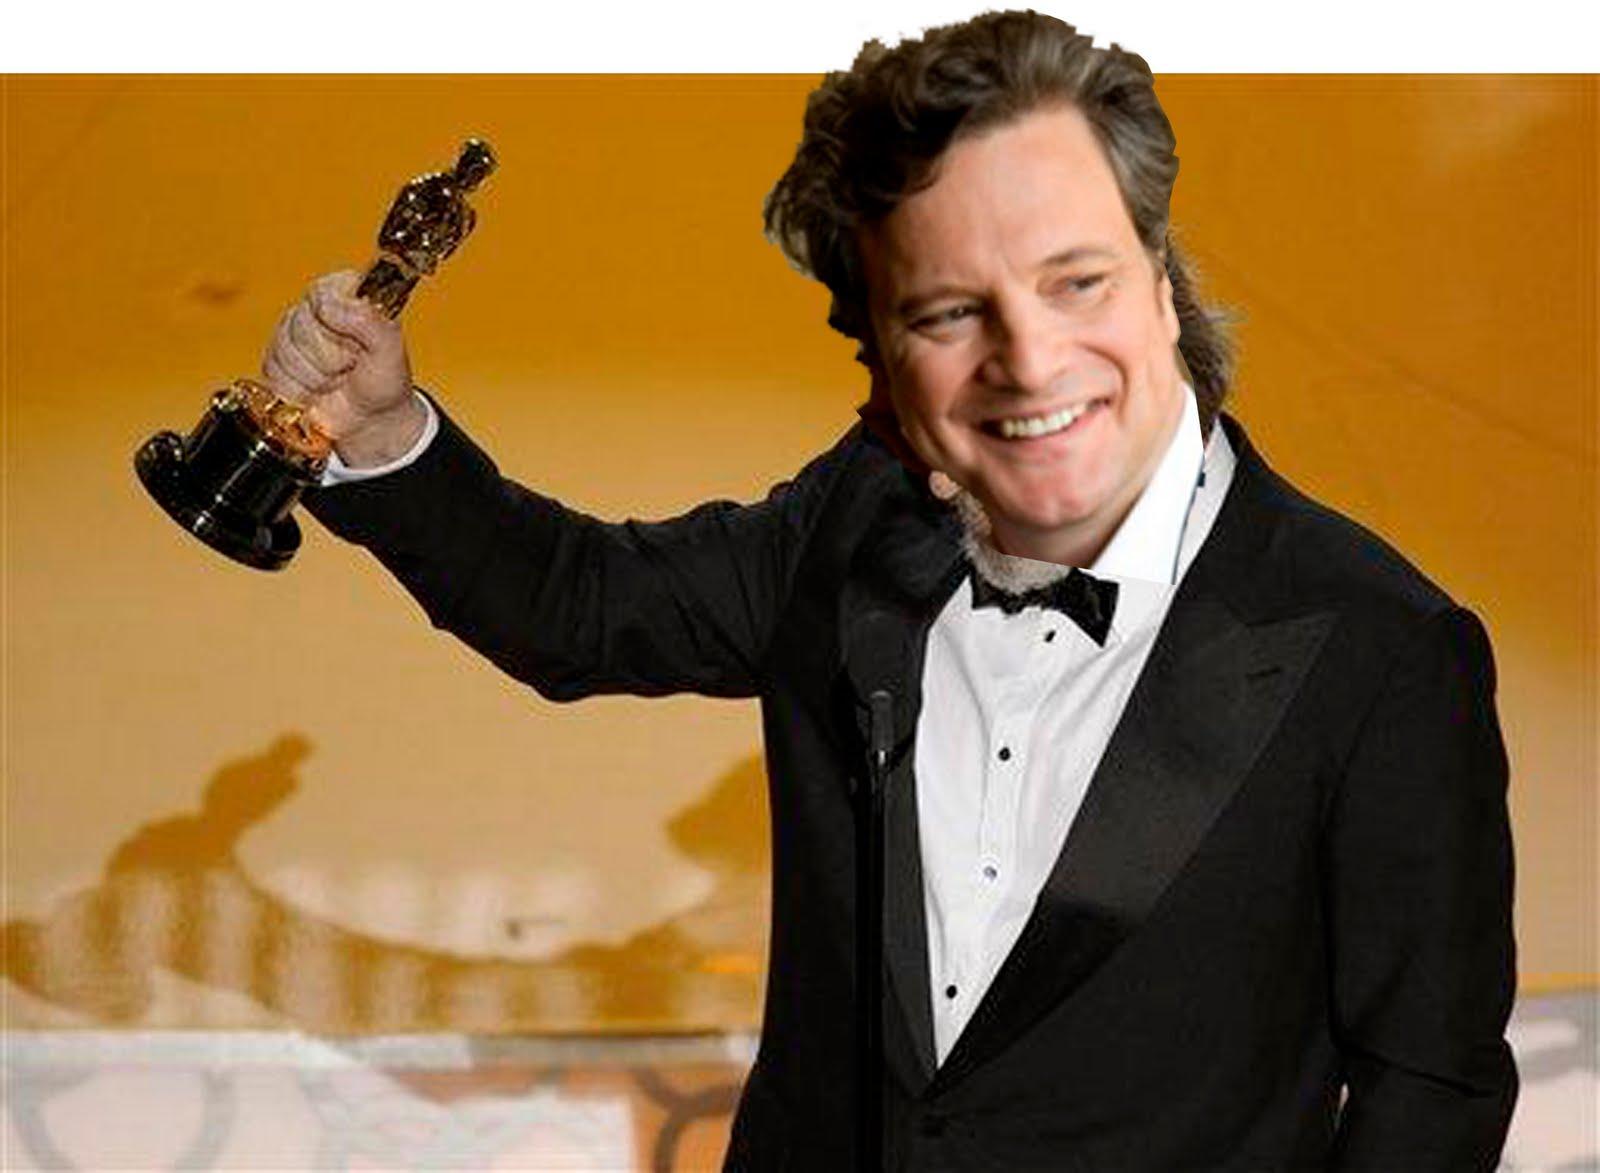 http://1.bp.blogspot.com/-ZG_QjYXhahY/TWaXZhAqpQI/AAAAAAAABAA/m7v6LUlX0KA/s1600/Oscars_FirthBridgesMashup.jpg